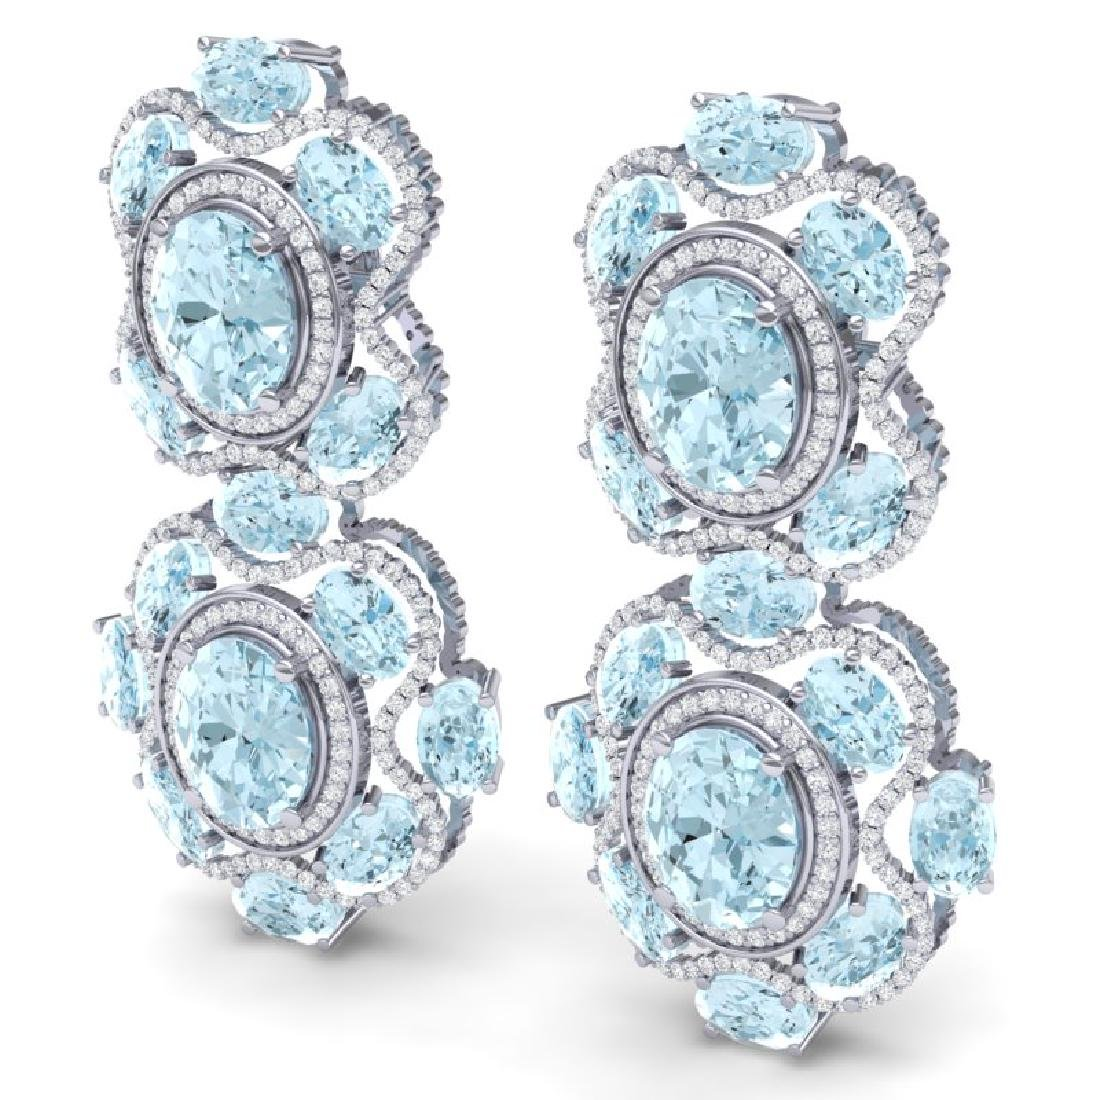 34.96 CTW Royalty Sky Topaz & VS Diamond Earrings 18K - 2